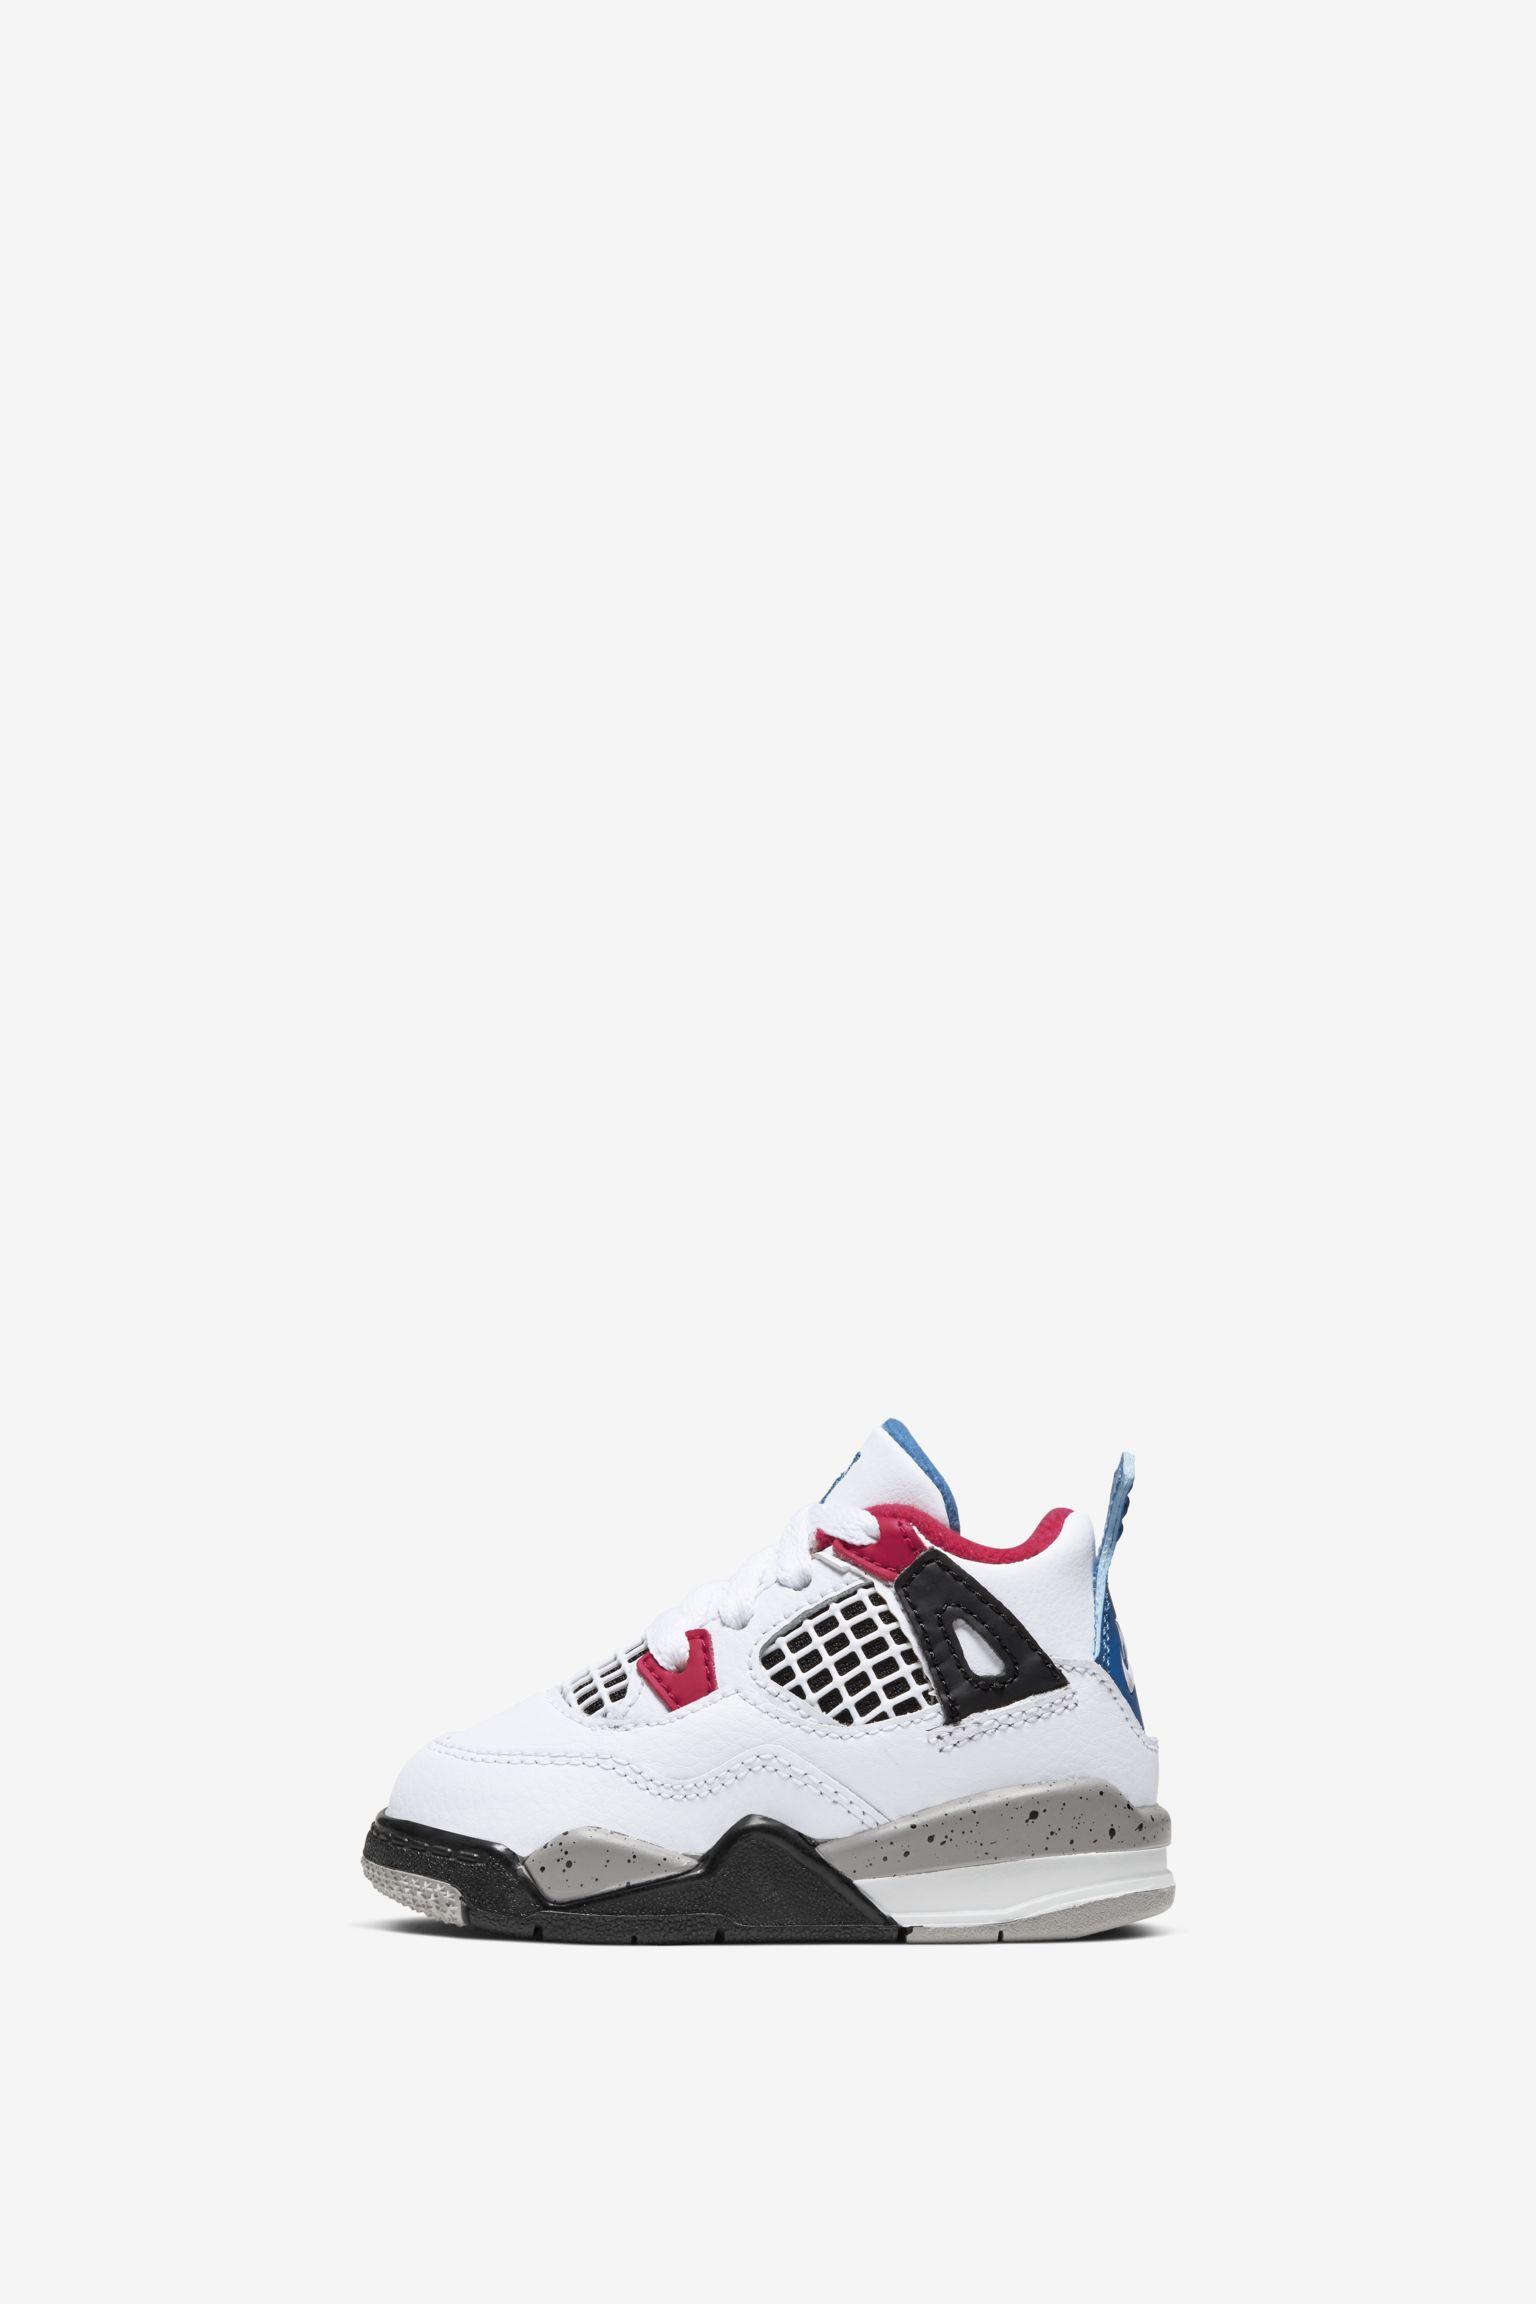 Date de sortie de la Air Jordan 4 Retro « What The ». Nike SNKRS CH